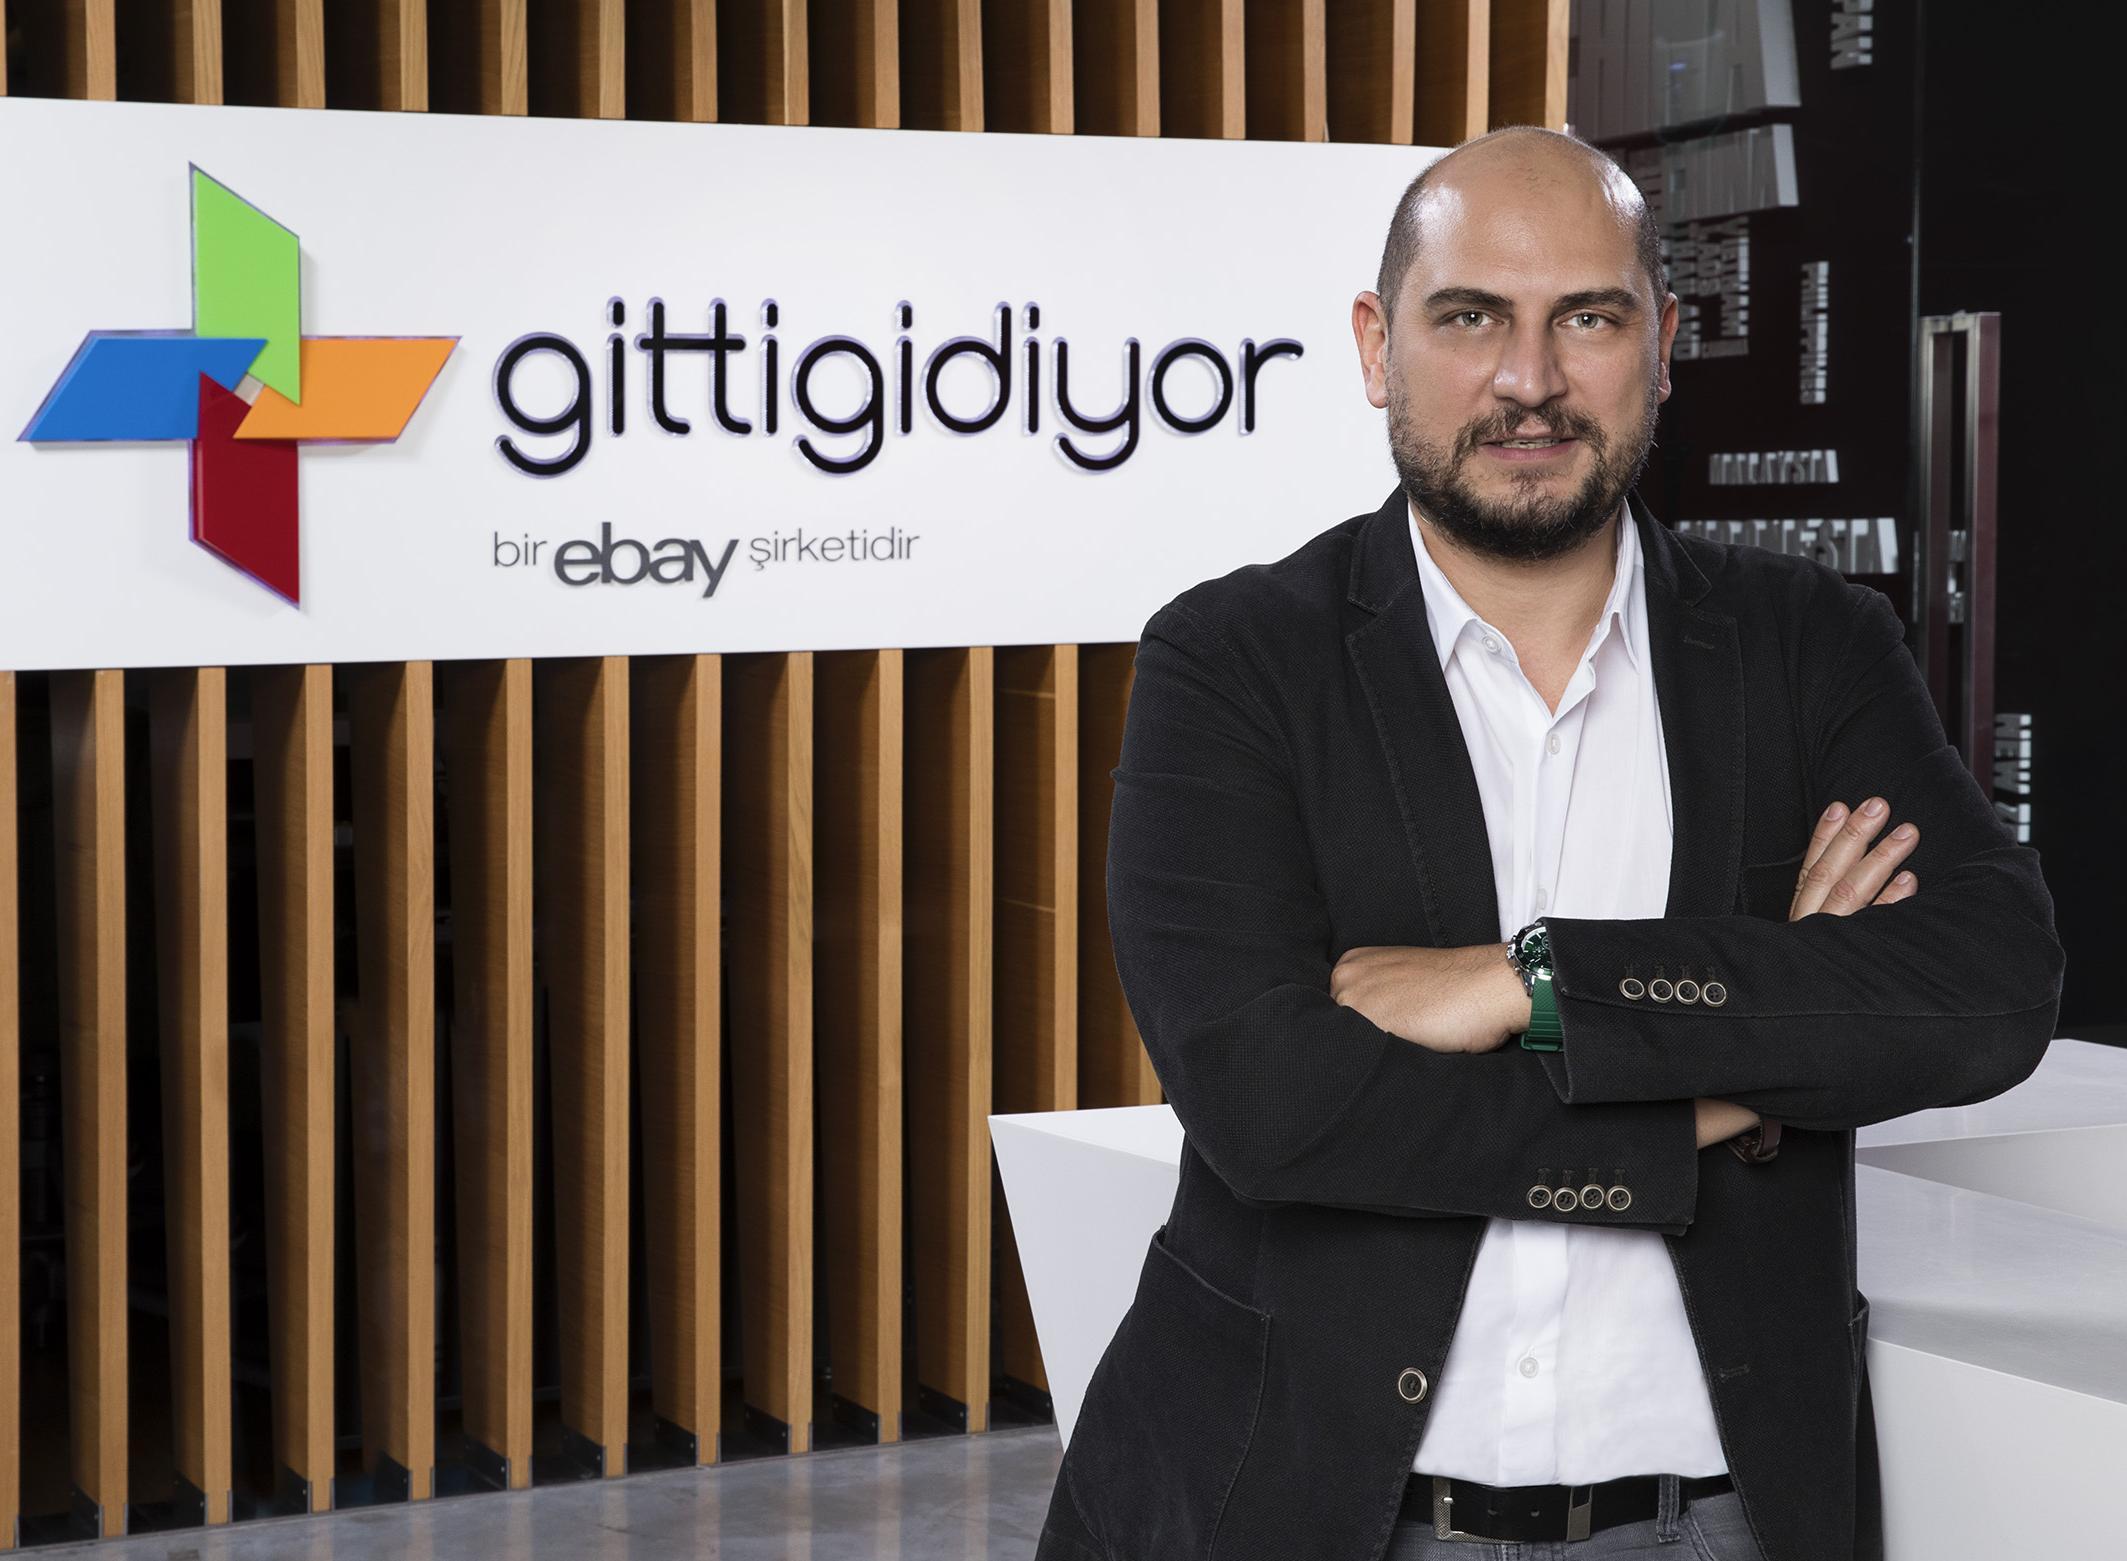 """Bülent Elçin: """"GittiGidiyor'da 2 dakikada 1 klima satışı gerçekleştirdik"""""""